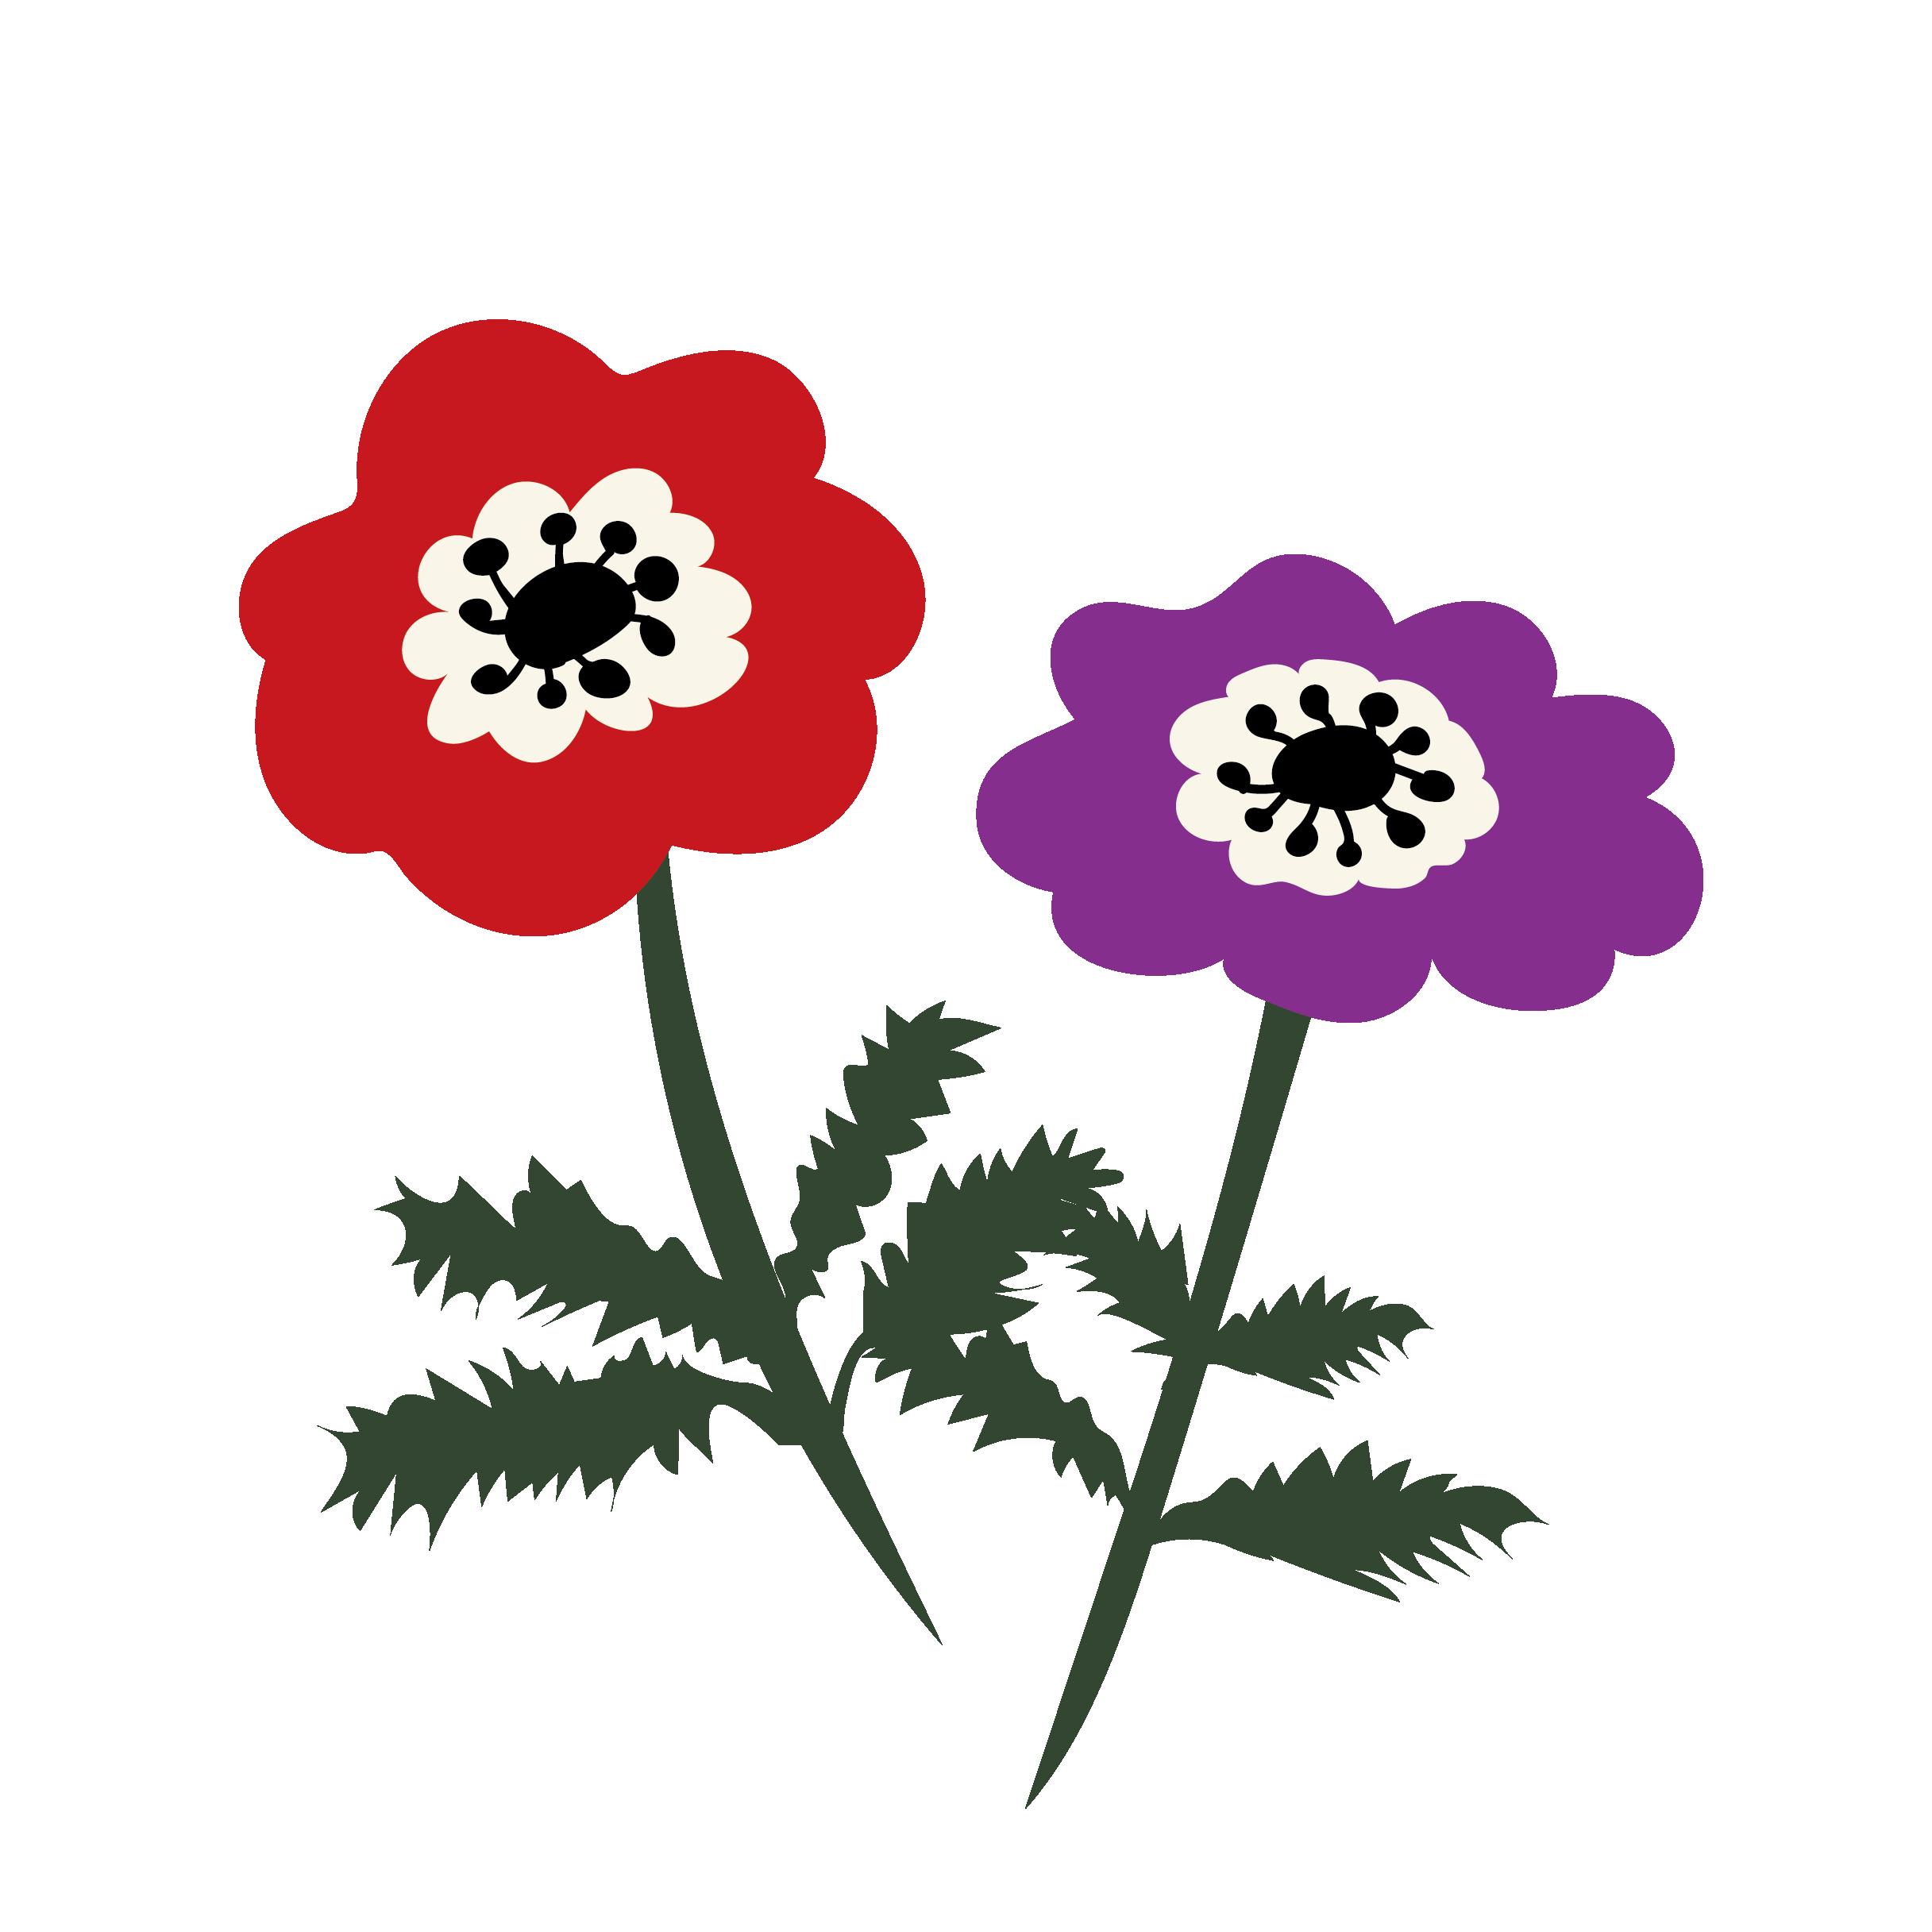 花アネモネのイラスト 商用フリー無料のイラスト素材なら